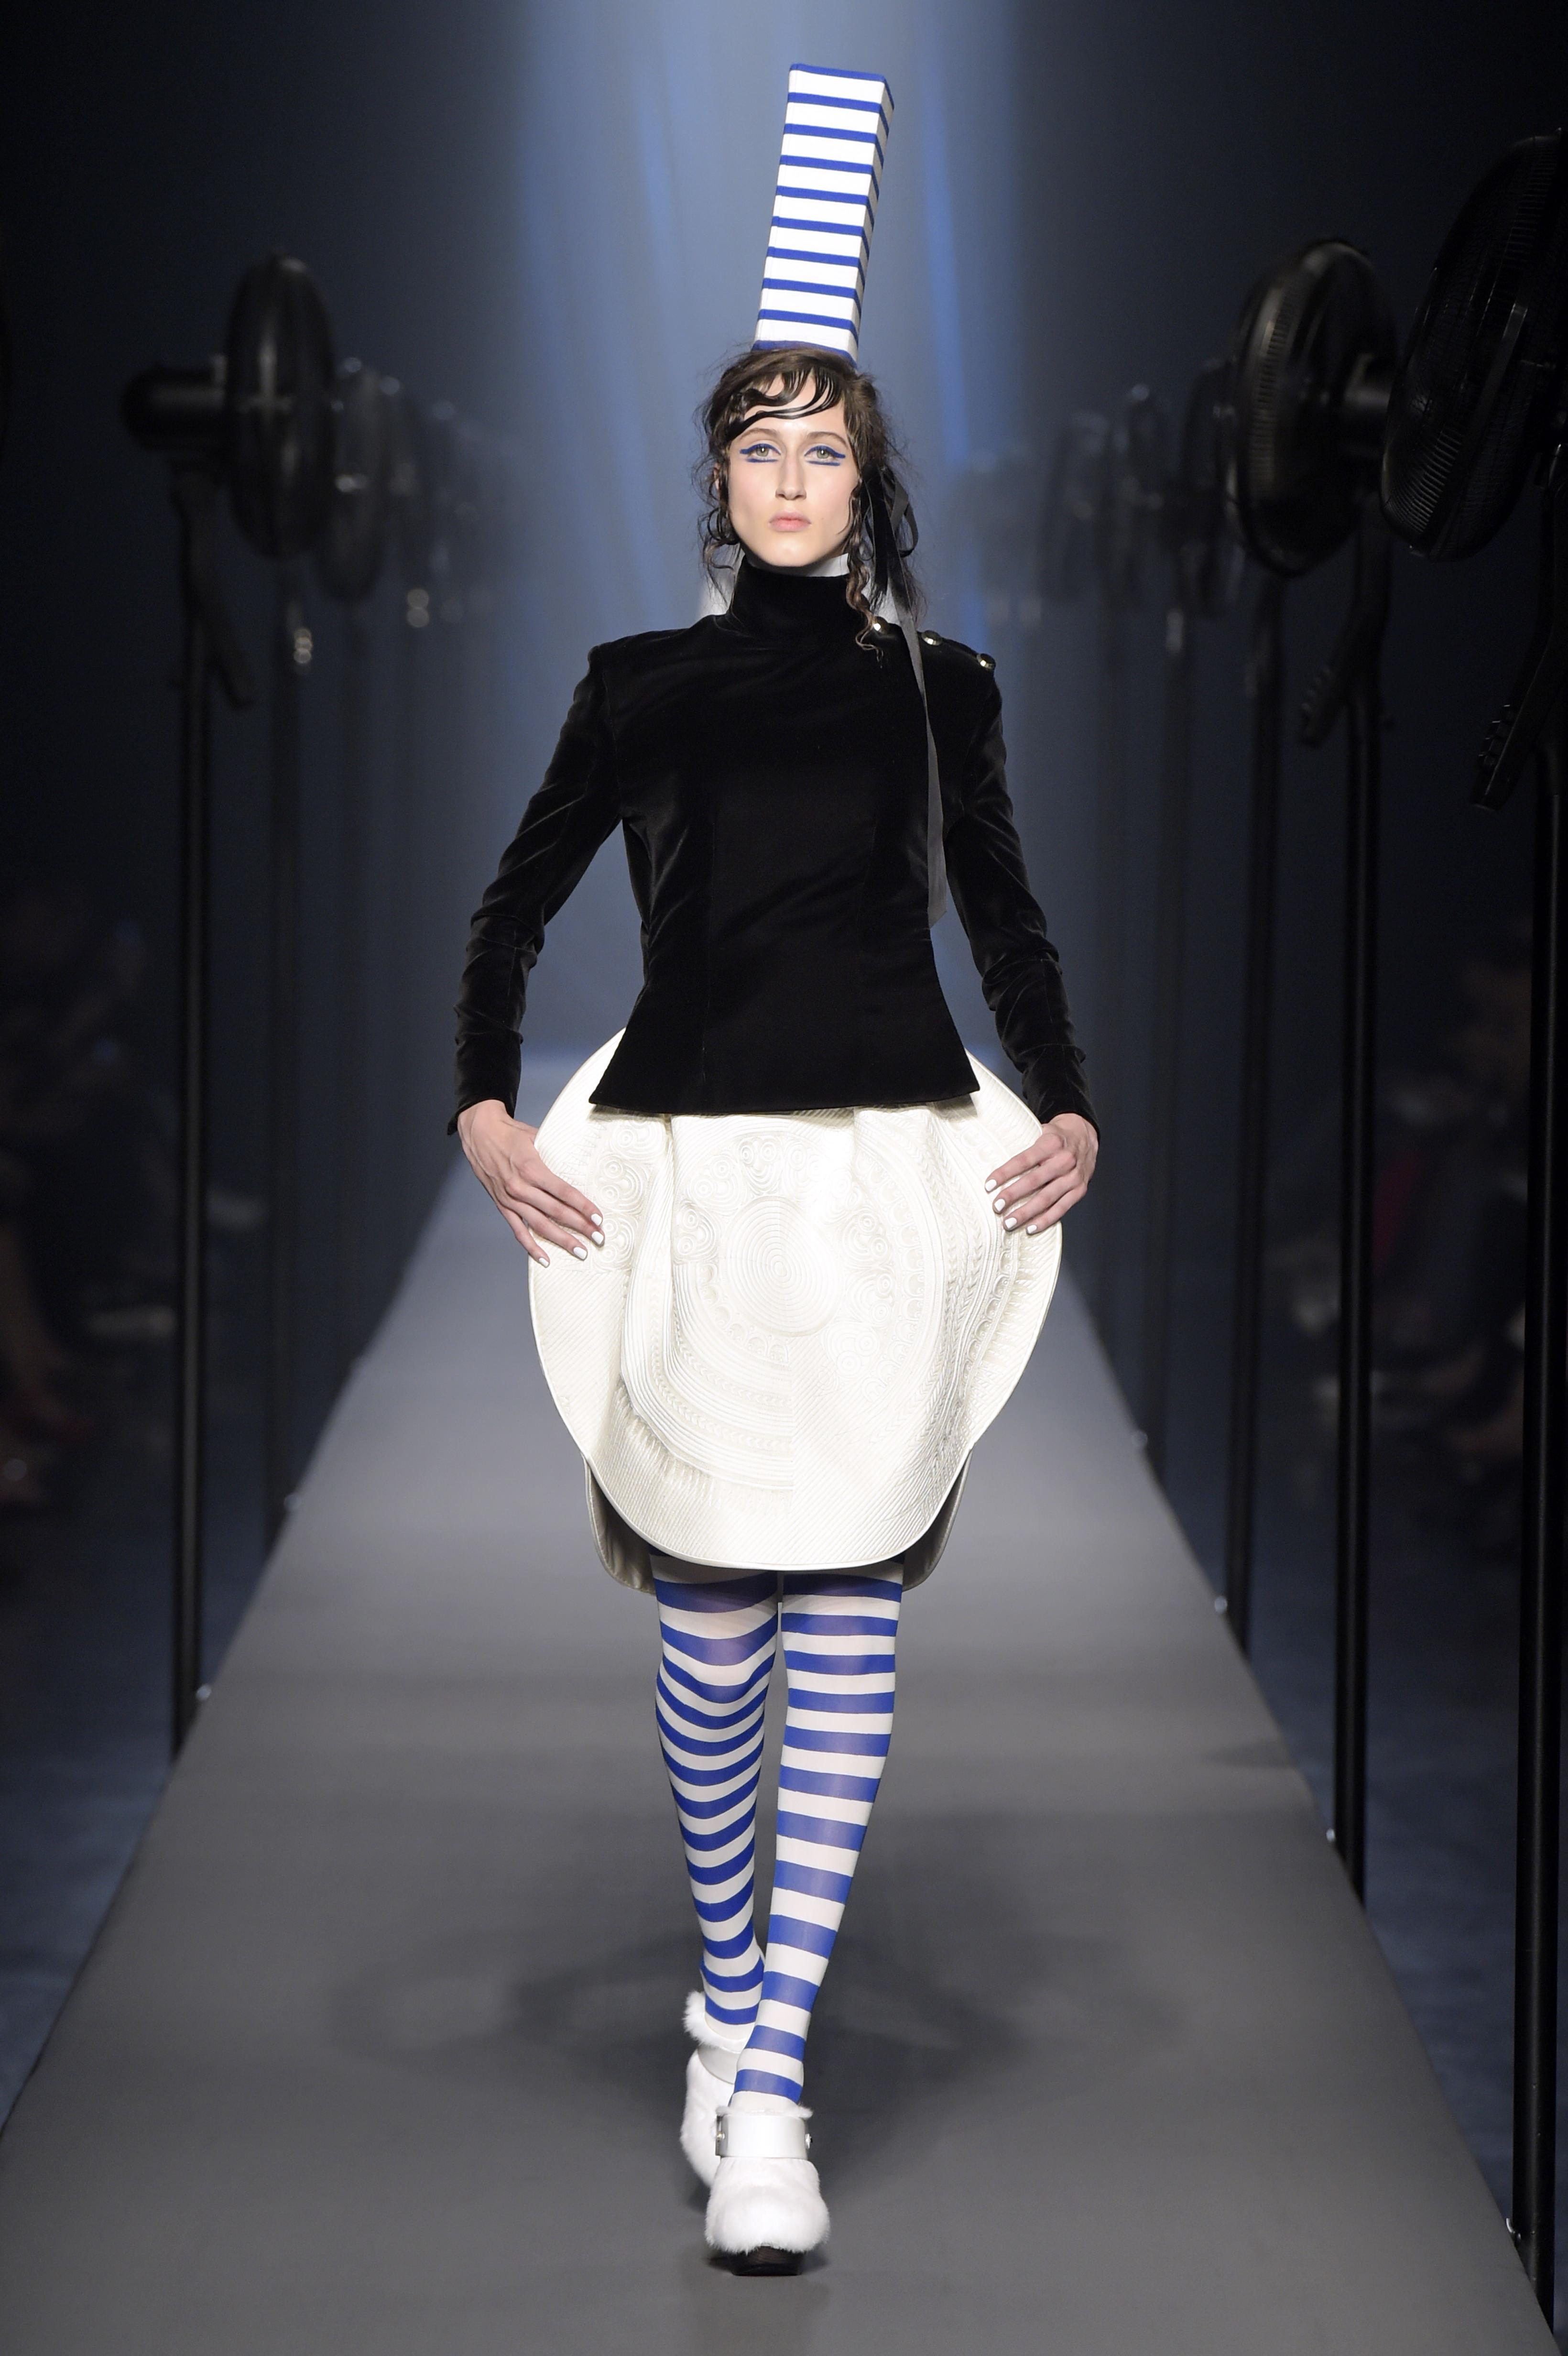 07c3982c36f9a Le défilé haute couture automne-hiver 2015 2016 de Jean Paul Gaultier